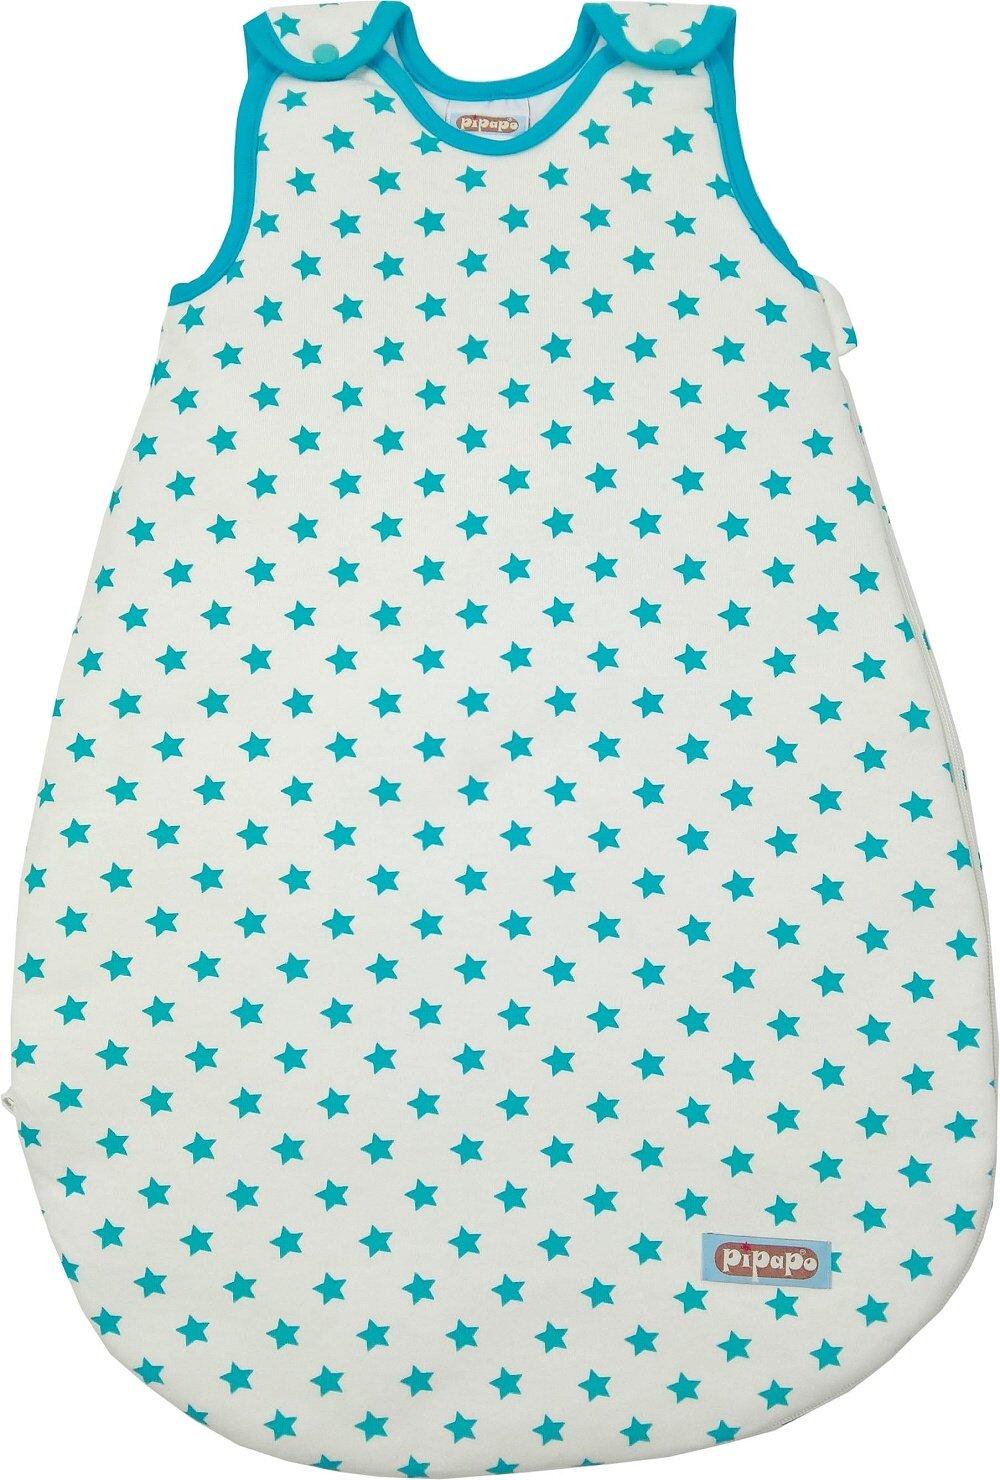 Alvi Baby Mäxchen Innensack  Schlafsack Größe WÄHLBAR